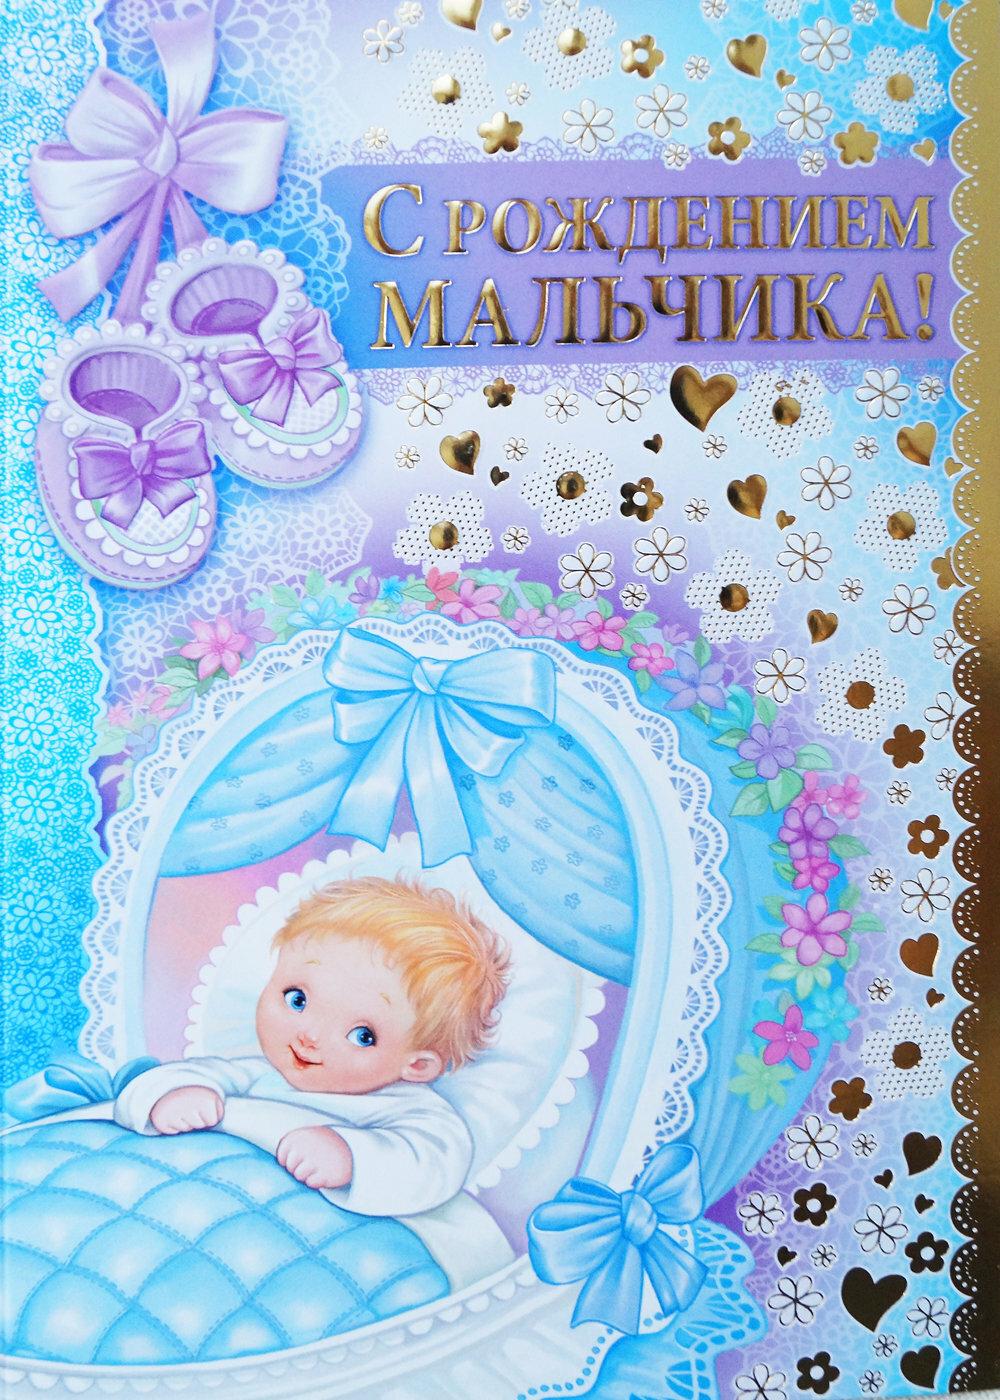 Машиностроения открытки, поздравительные открытки с рождением младенца мальчика